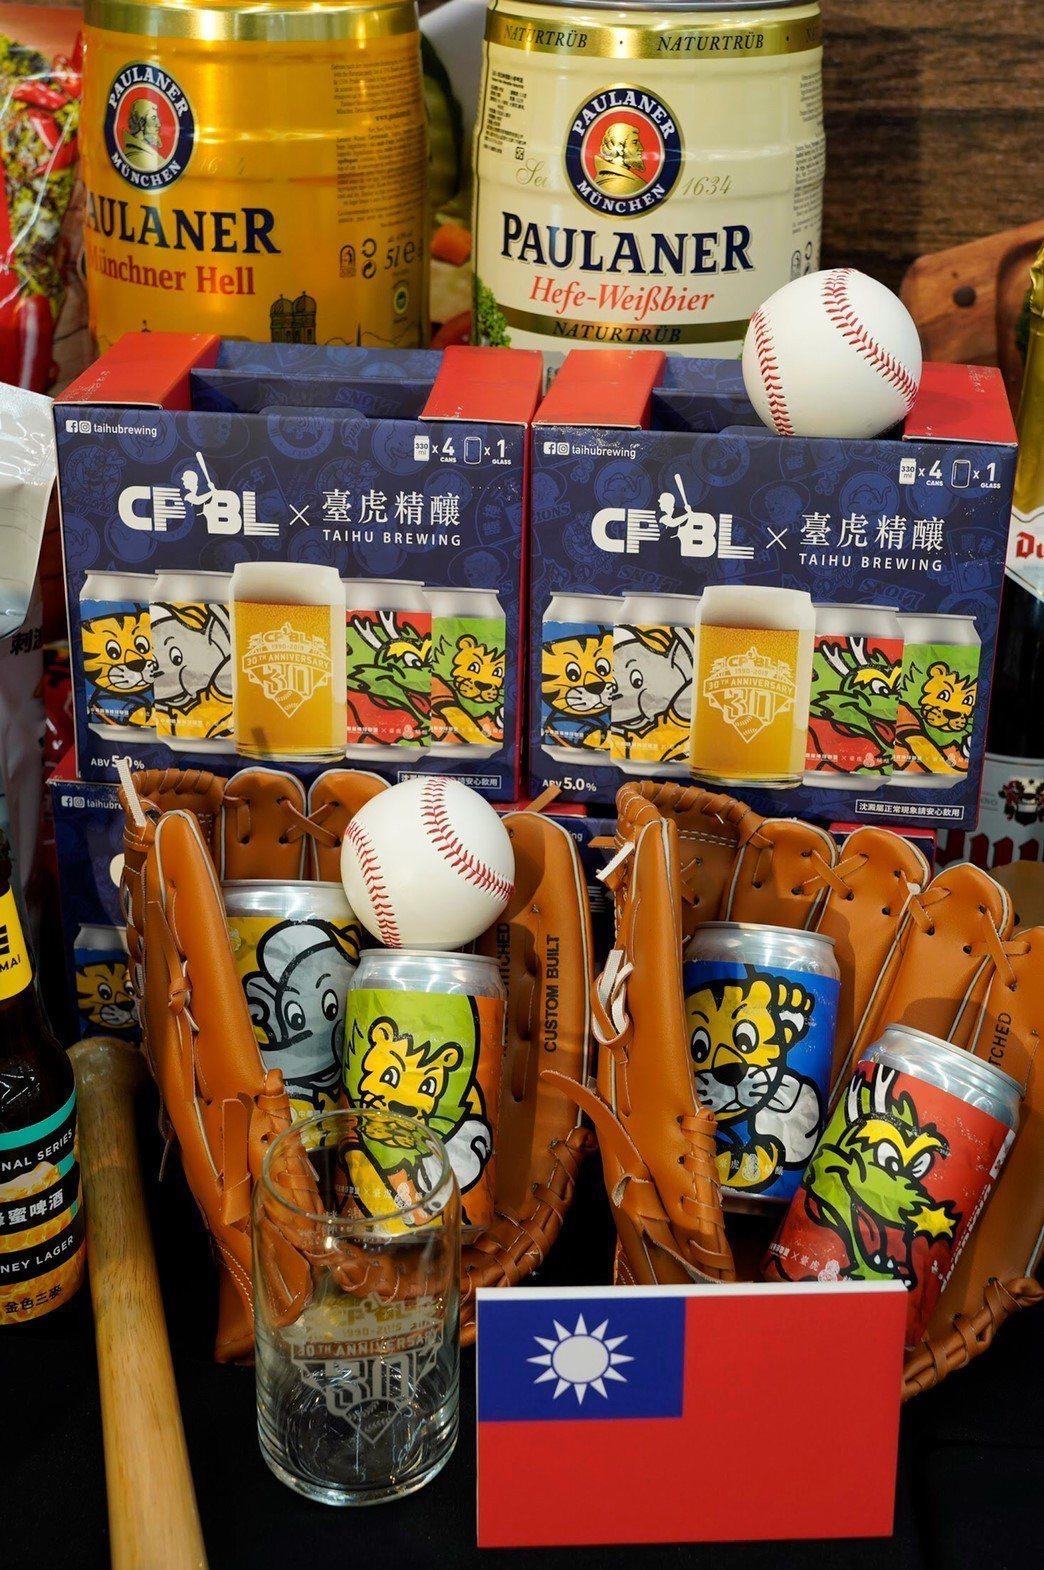 家樂福獨家「臺虎精釀中華職棒30周年啤酒禮盒」,內有4罐印有象、龍、虎、獅元老級...